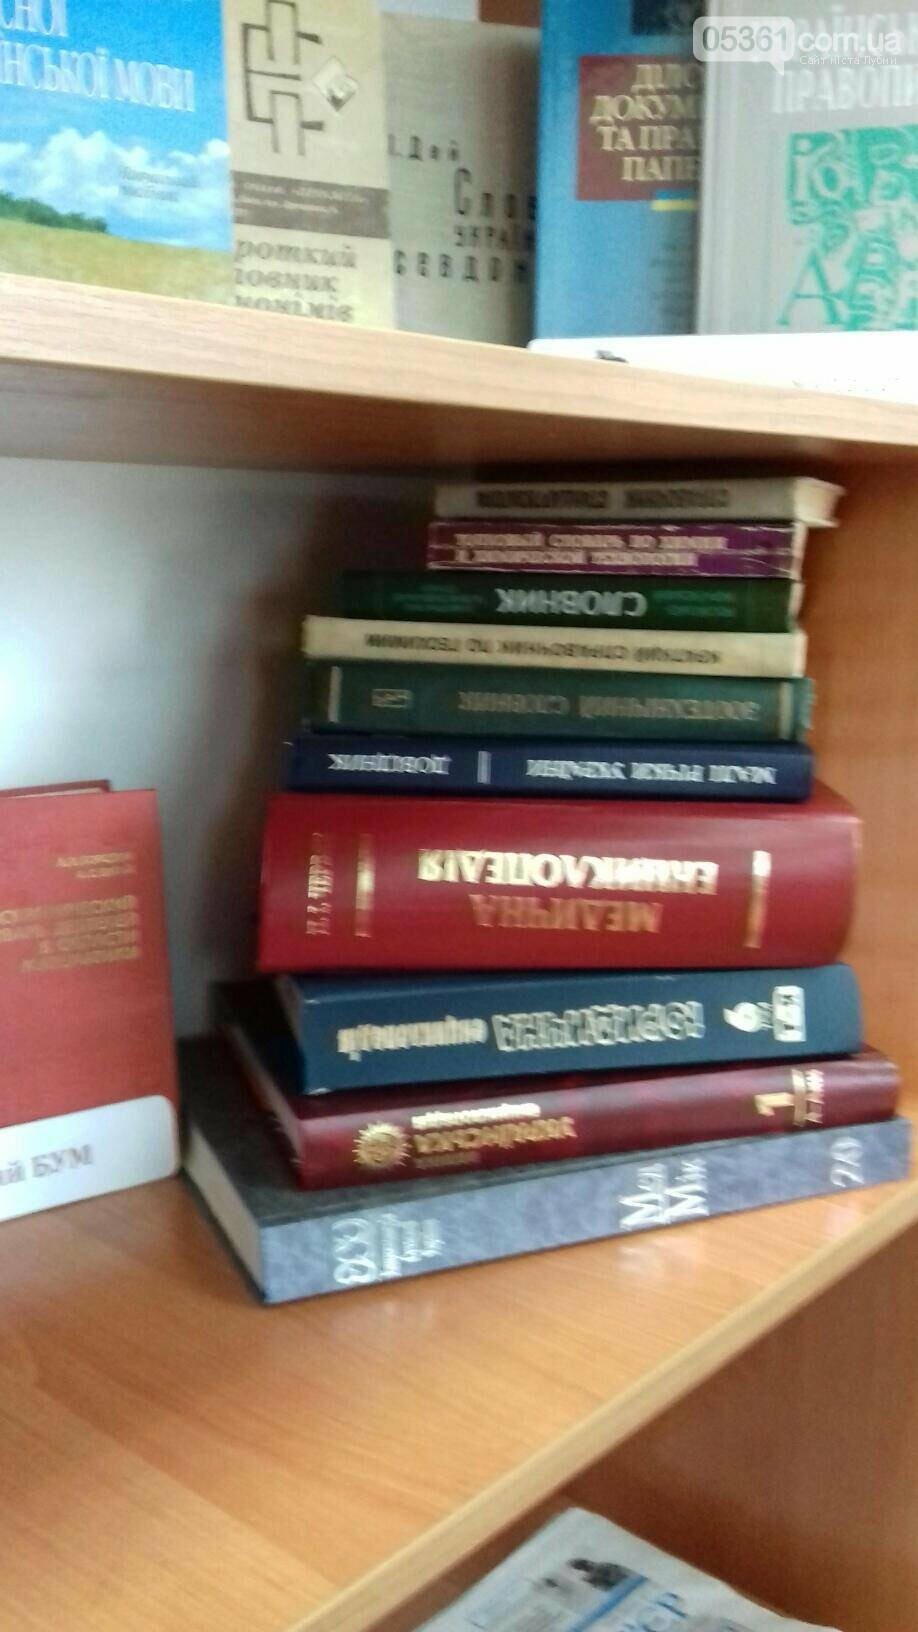 """""""Не бійтесь заглядати у словник"""" - закликає лубенська бібліотека , фото-2"""